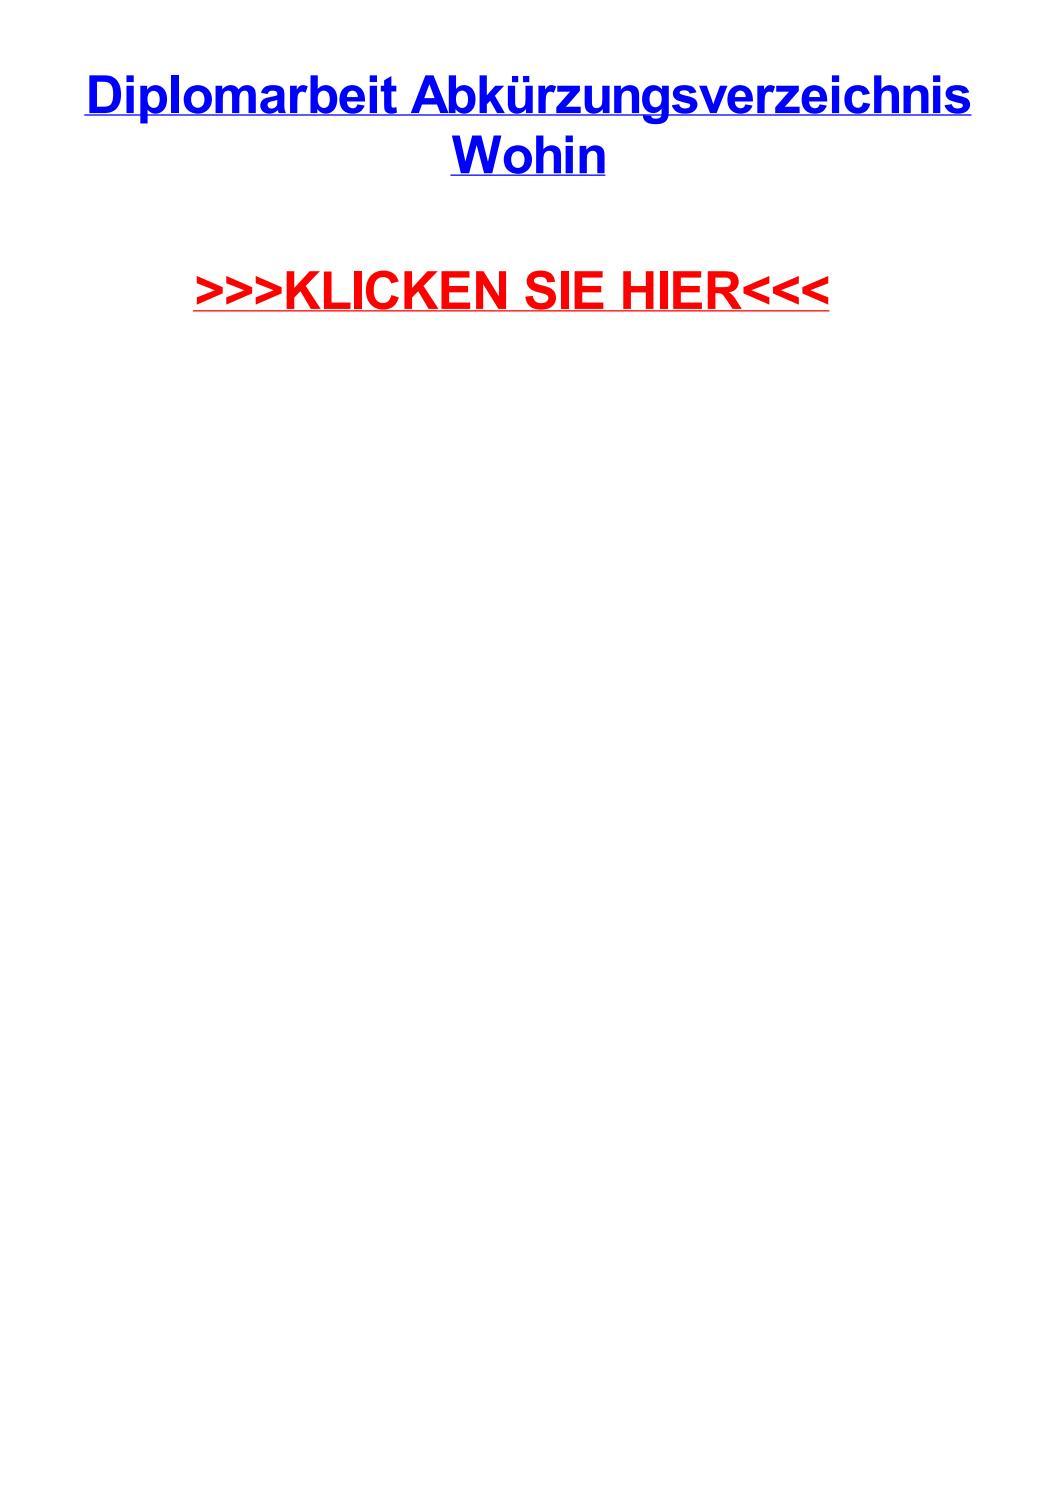 Diplomarbeit abkjrzungsverzeichnis wohin by phillipqhagl - issuu